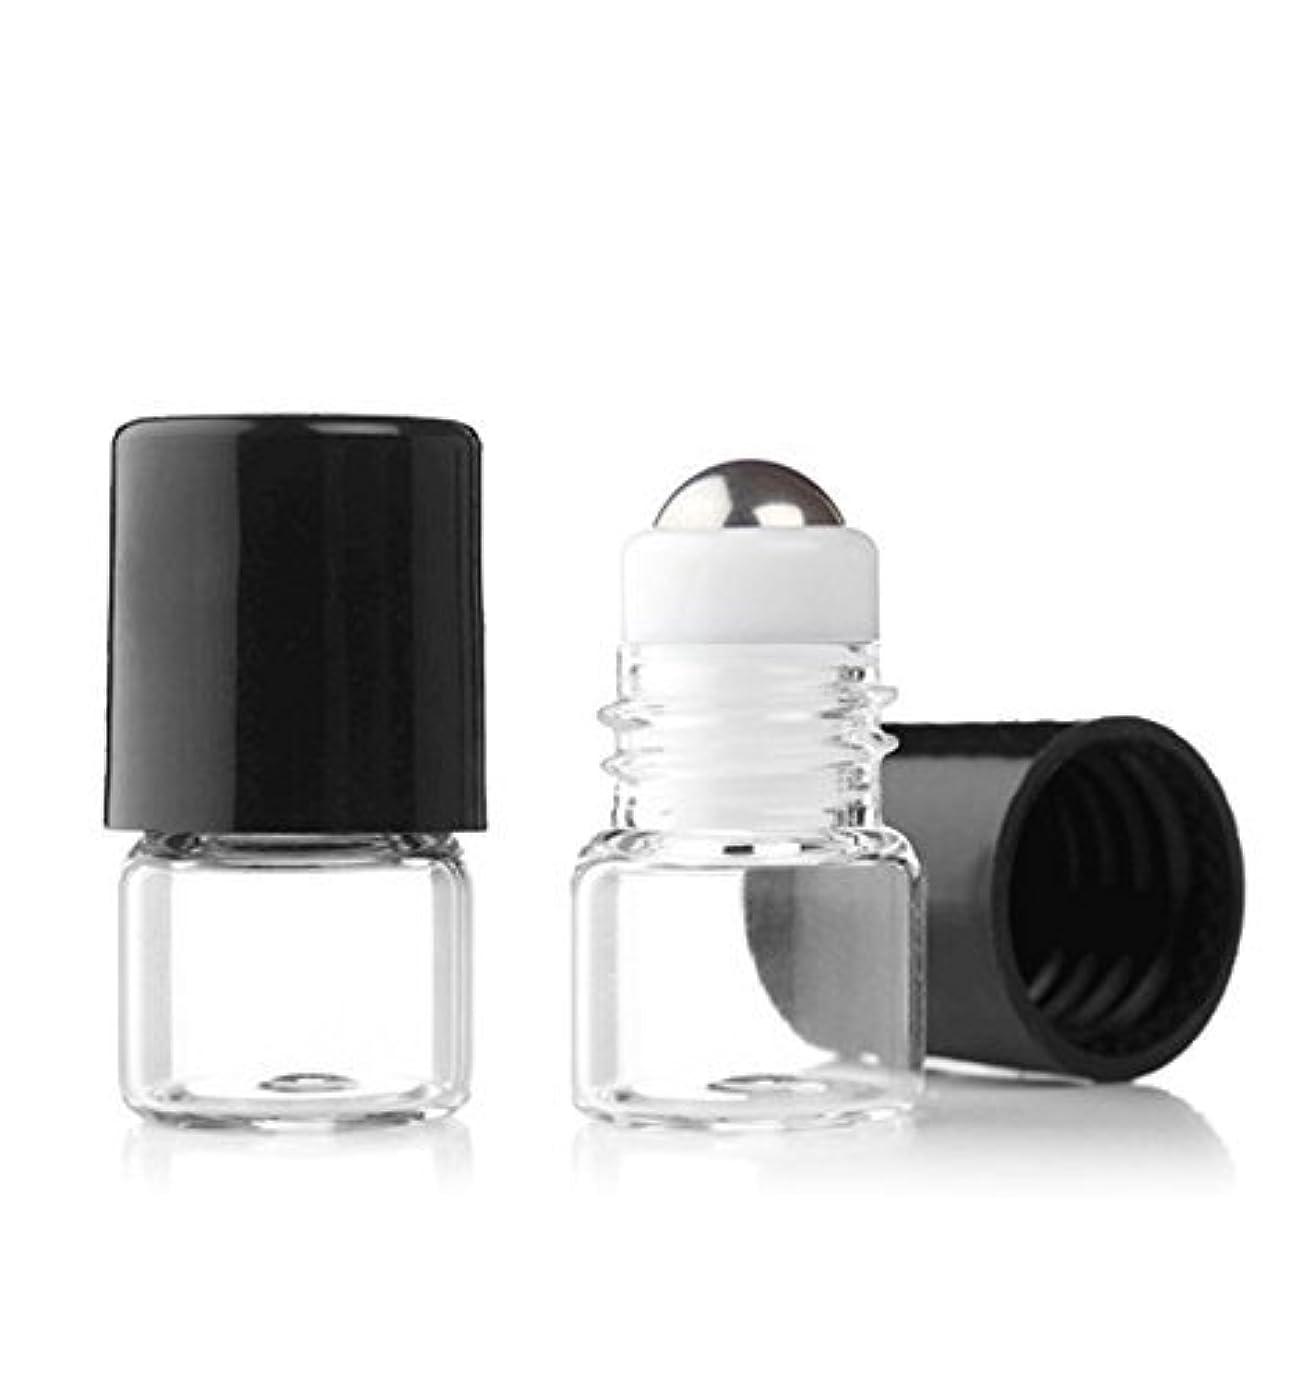 意気揚々顔料ピジンGrand Parfums Empty 1ml Micro Mini Rollon Dram Glass Bottles with Metal Roller Balls - Refillable Aromatherapy Essential Oil Roll On - Bulk - 1/4 Dram Pack of 6 - [並行輸入品]